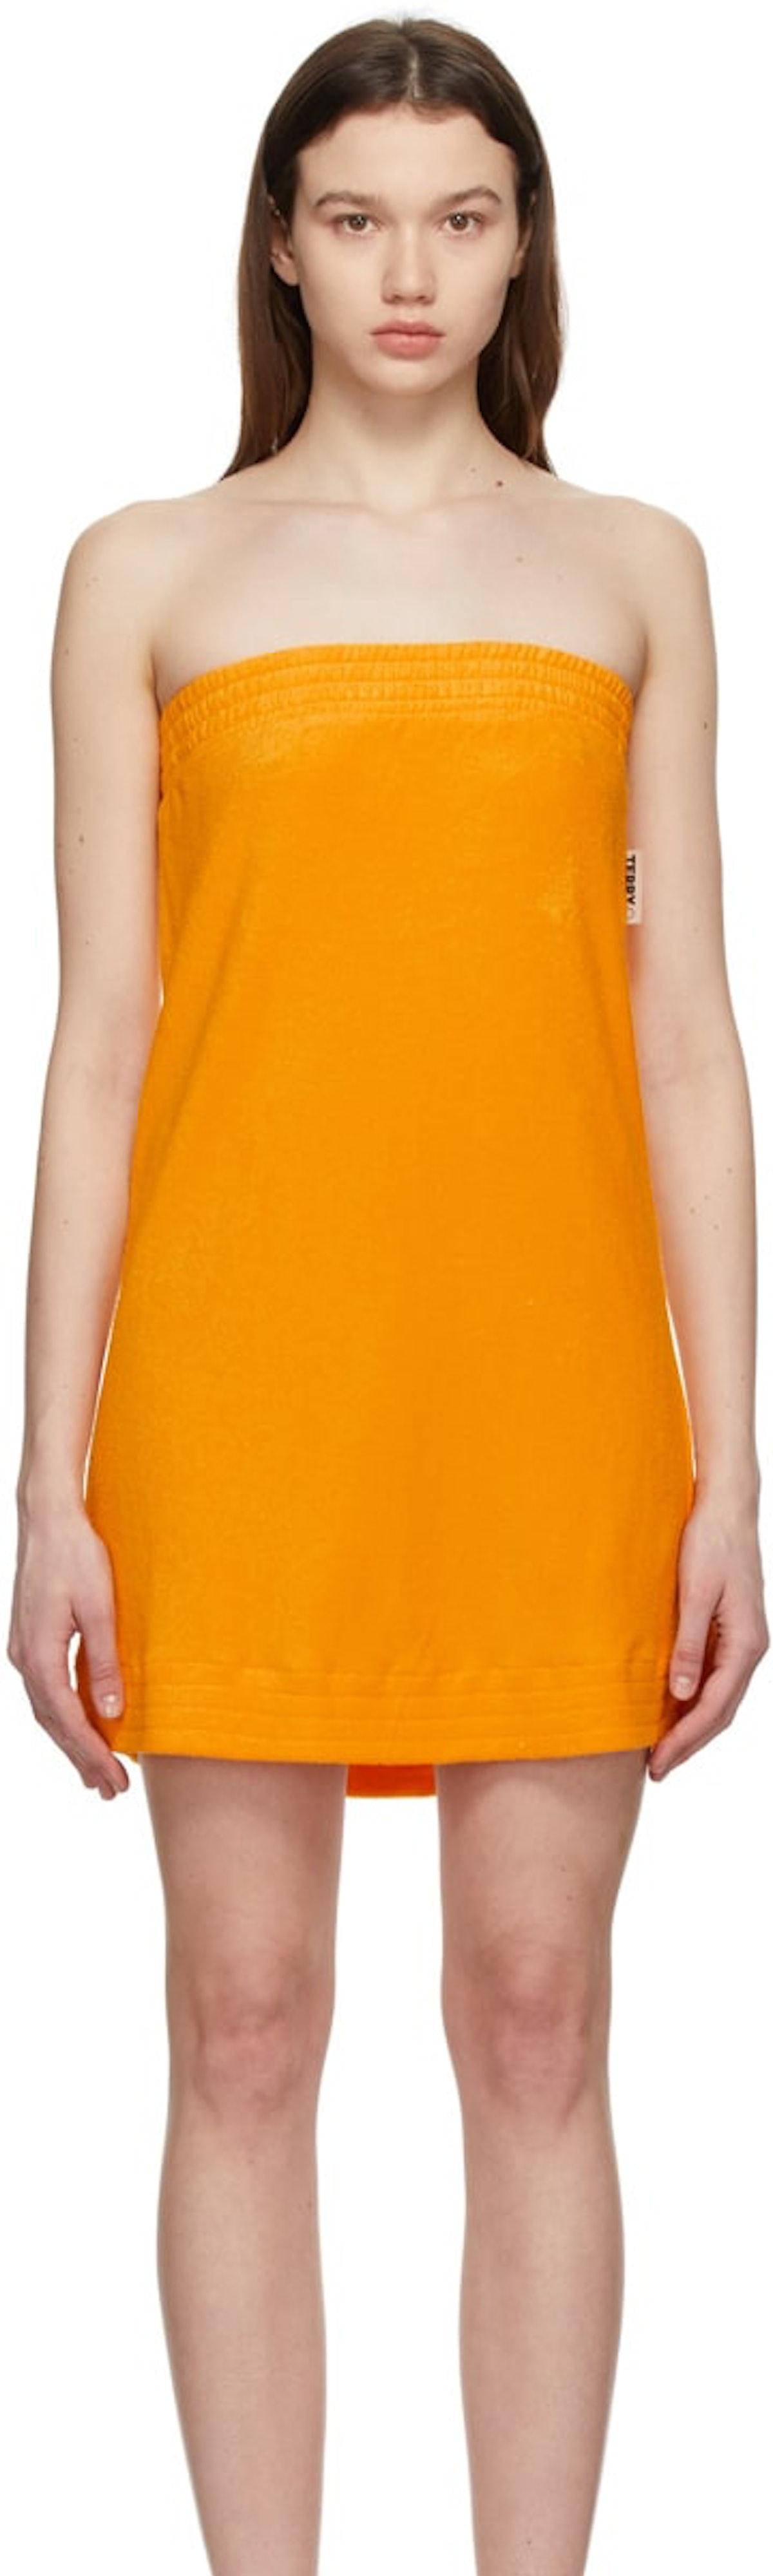 Orange Terrycloth Poi Dress from SIMON MILLER, available to shop on SSENSE.